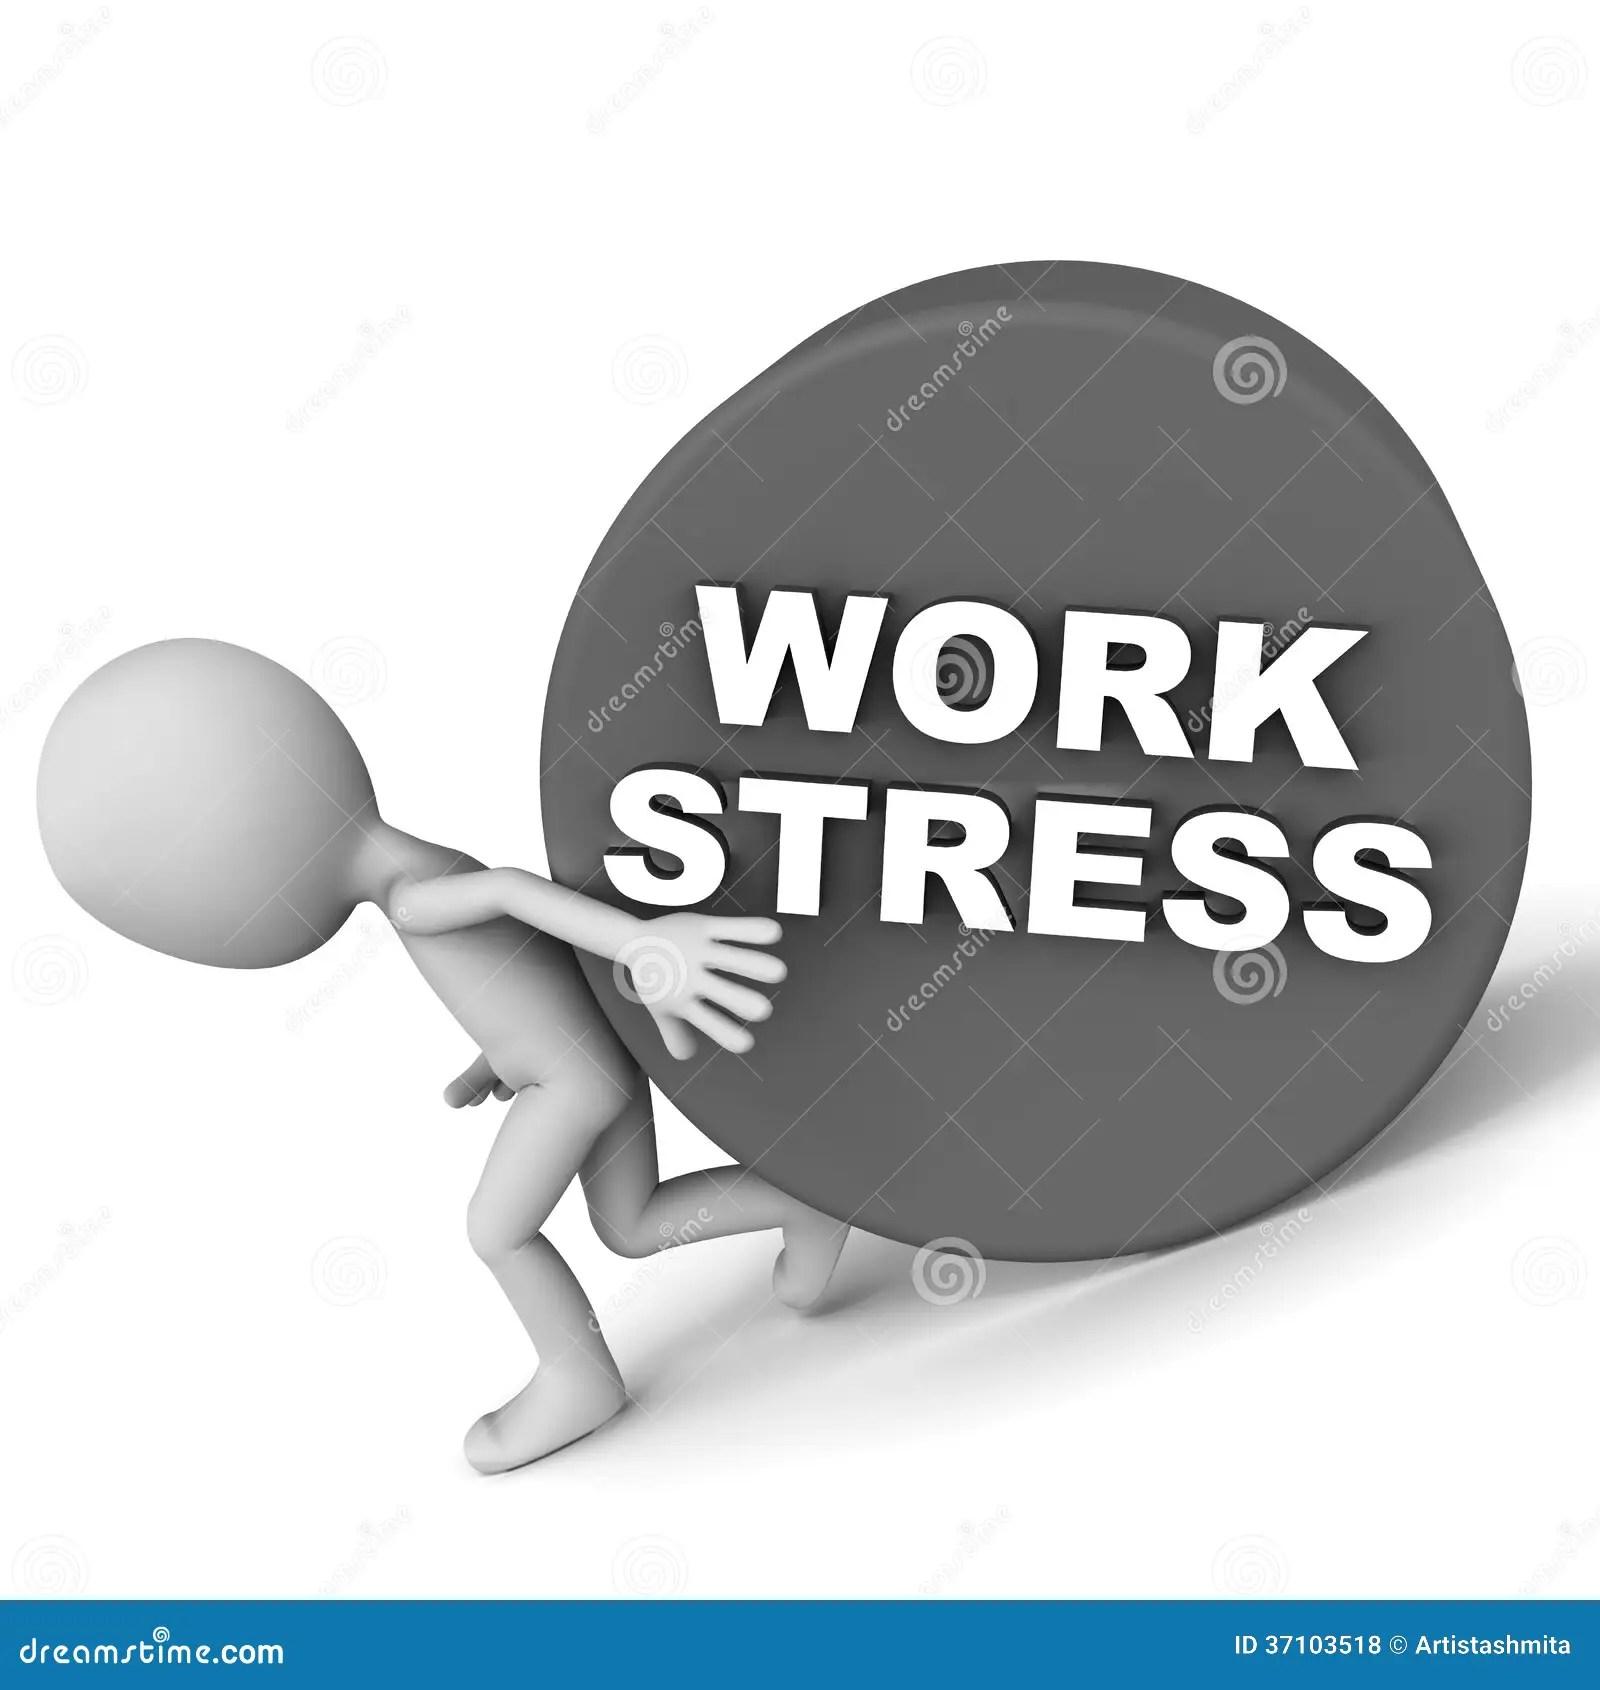 job stress tk job stress 23 04 2017